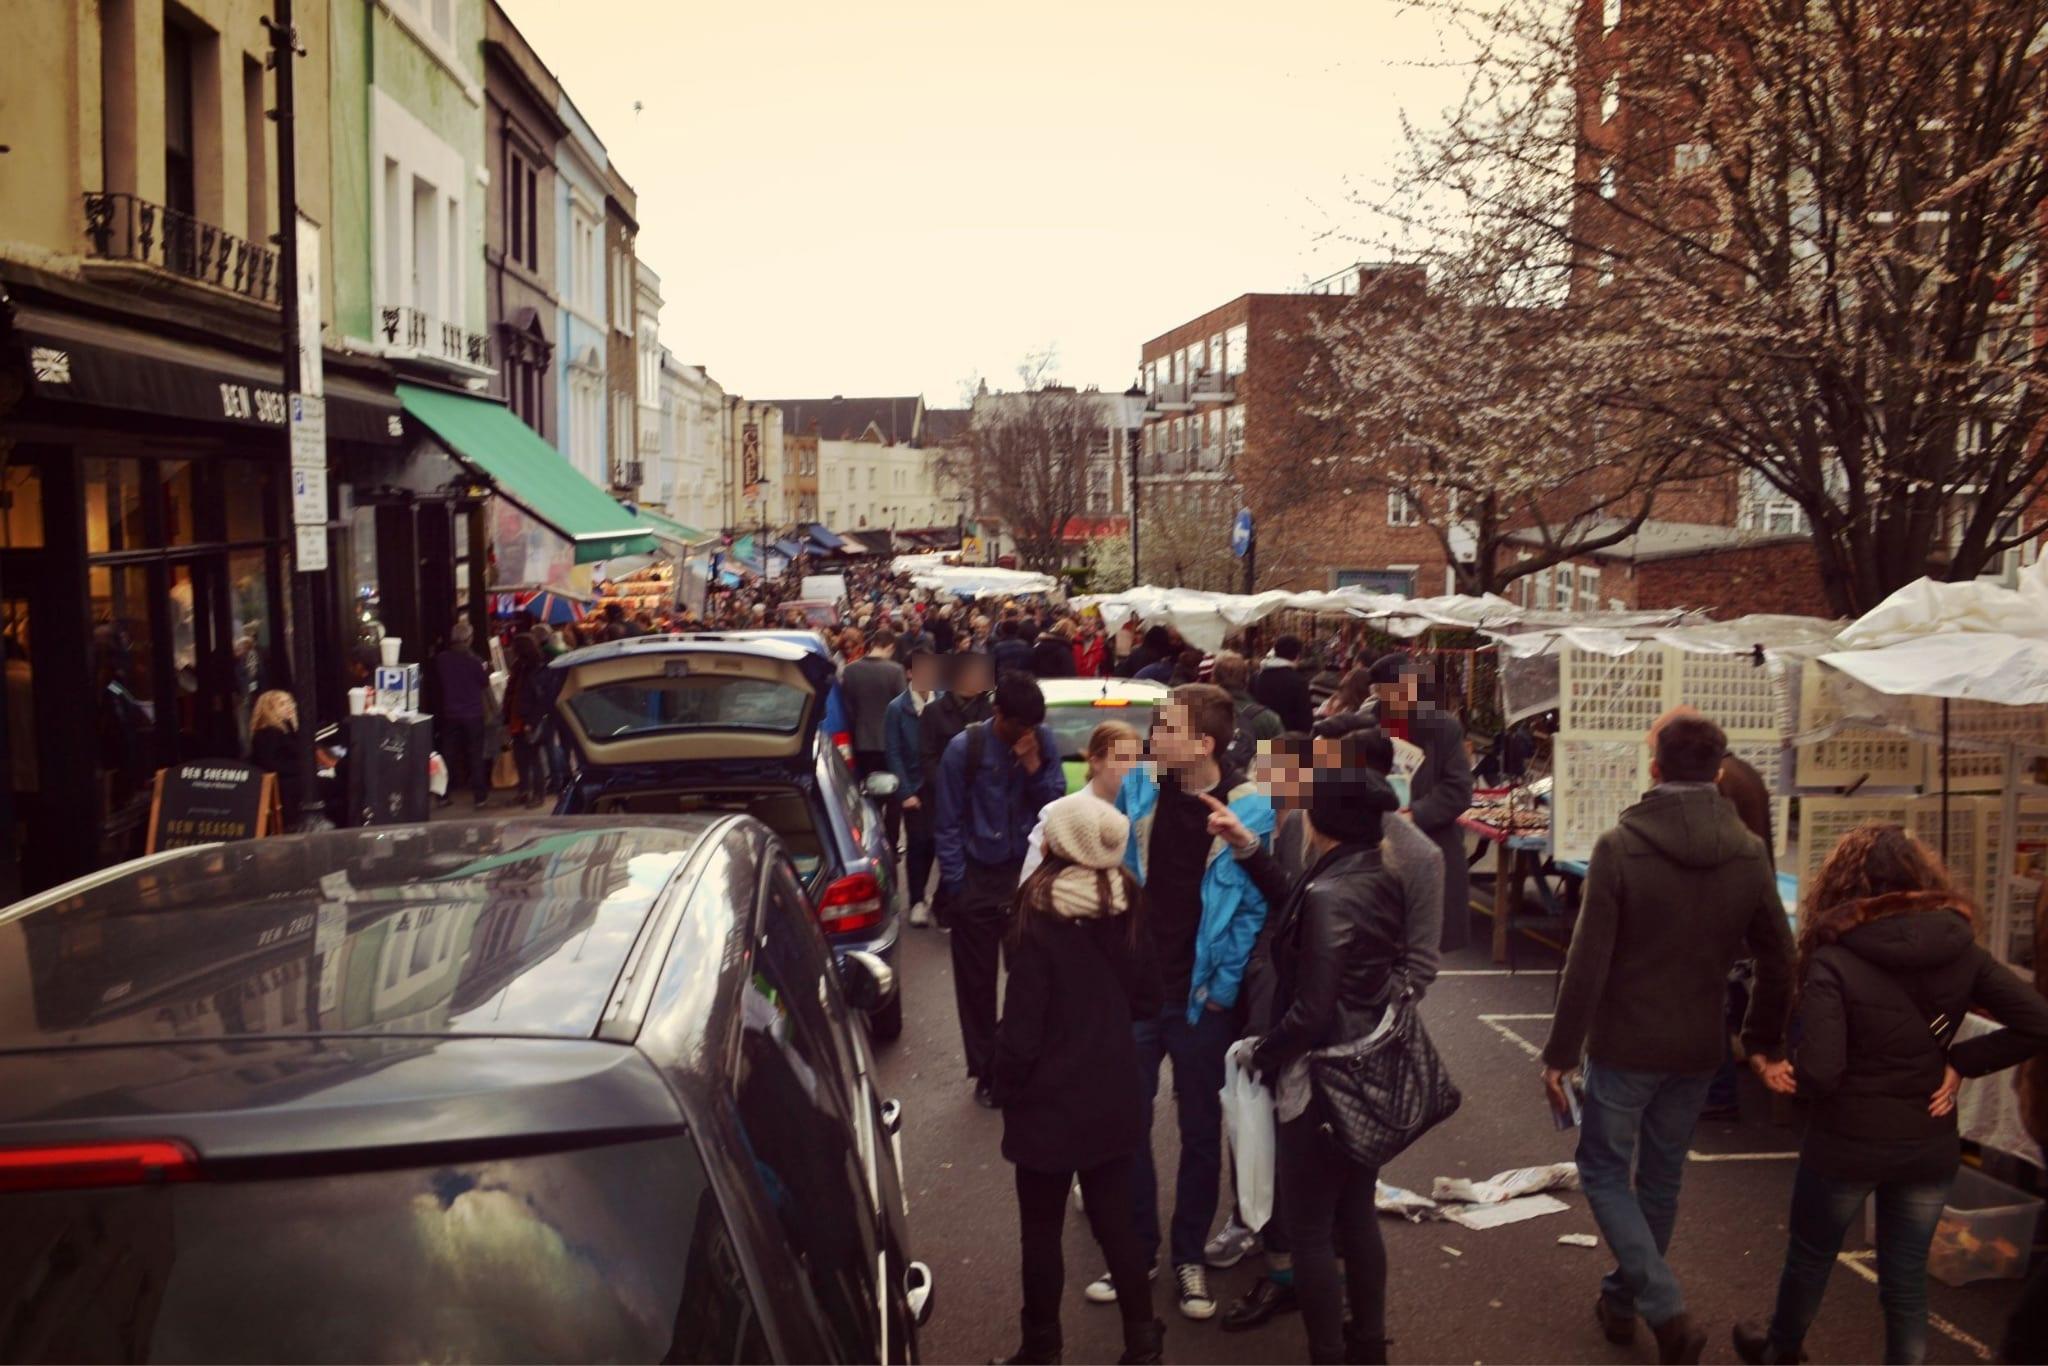 Der Portobello Road Market lockt samstags viele Menschen an